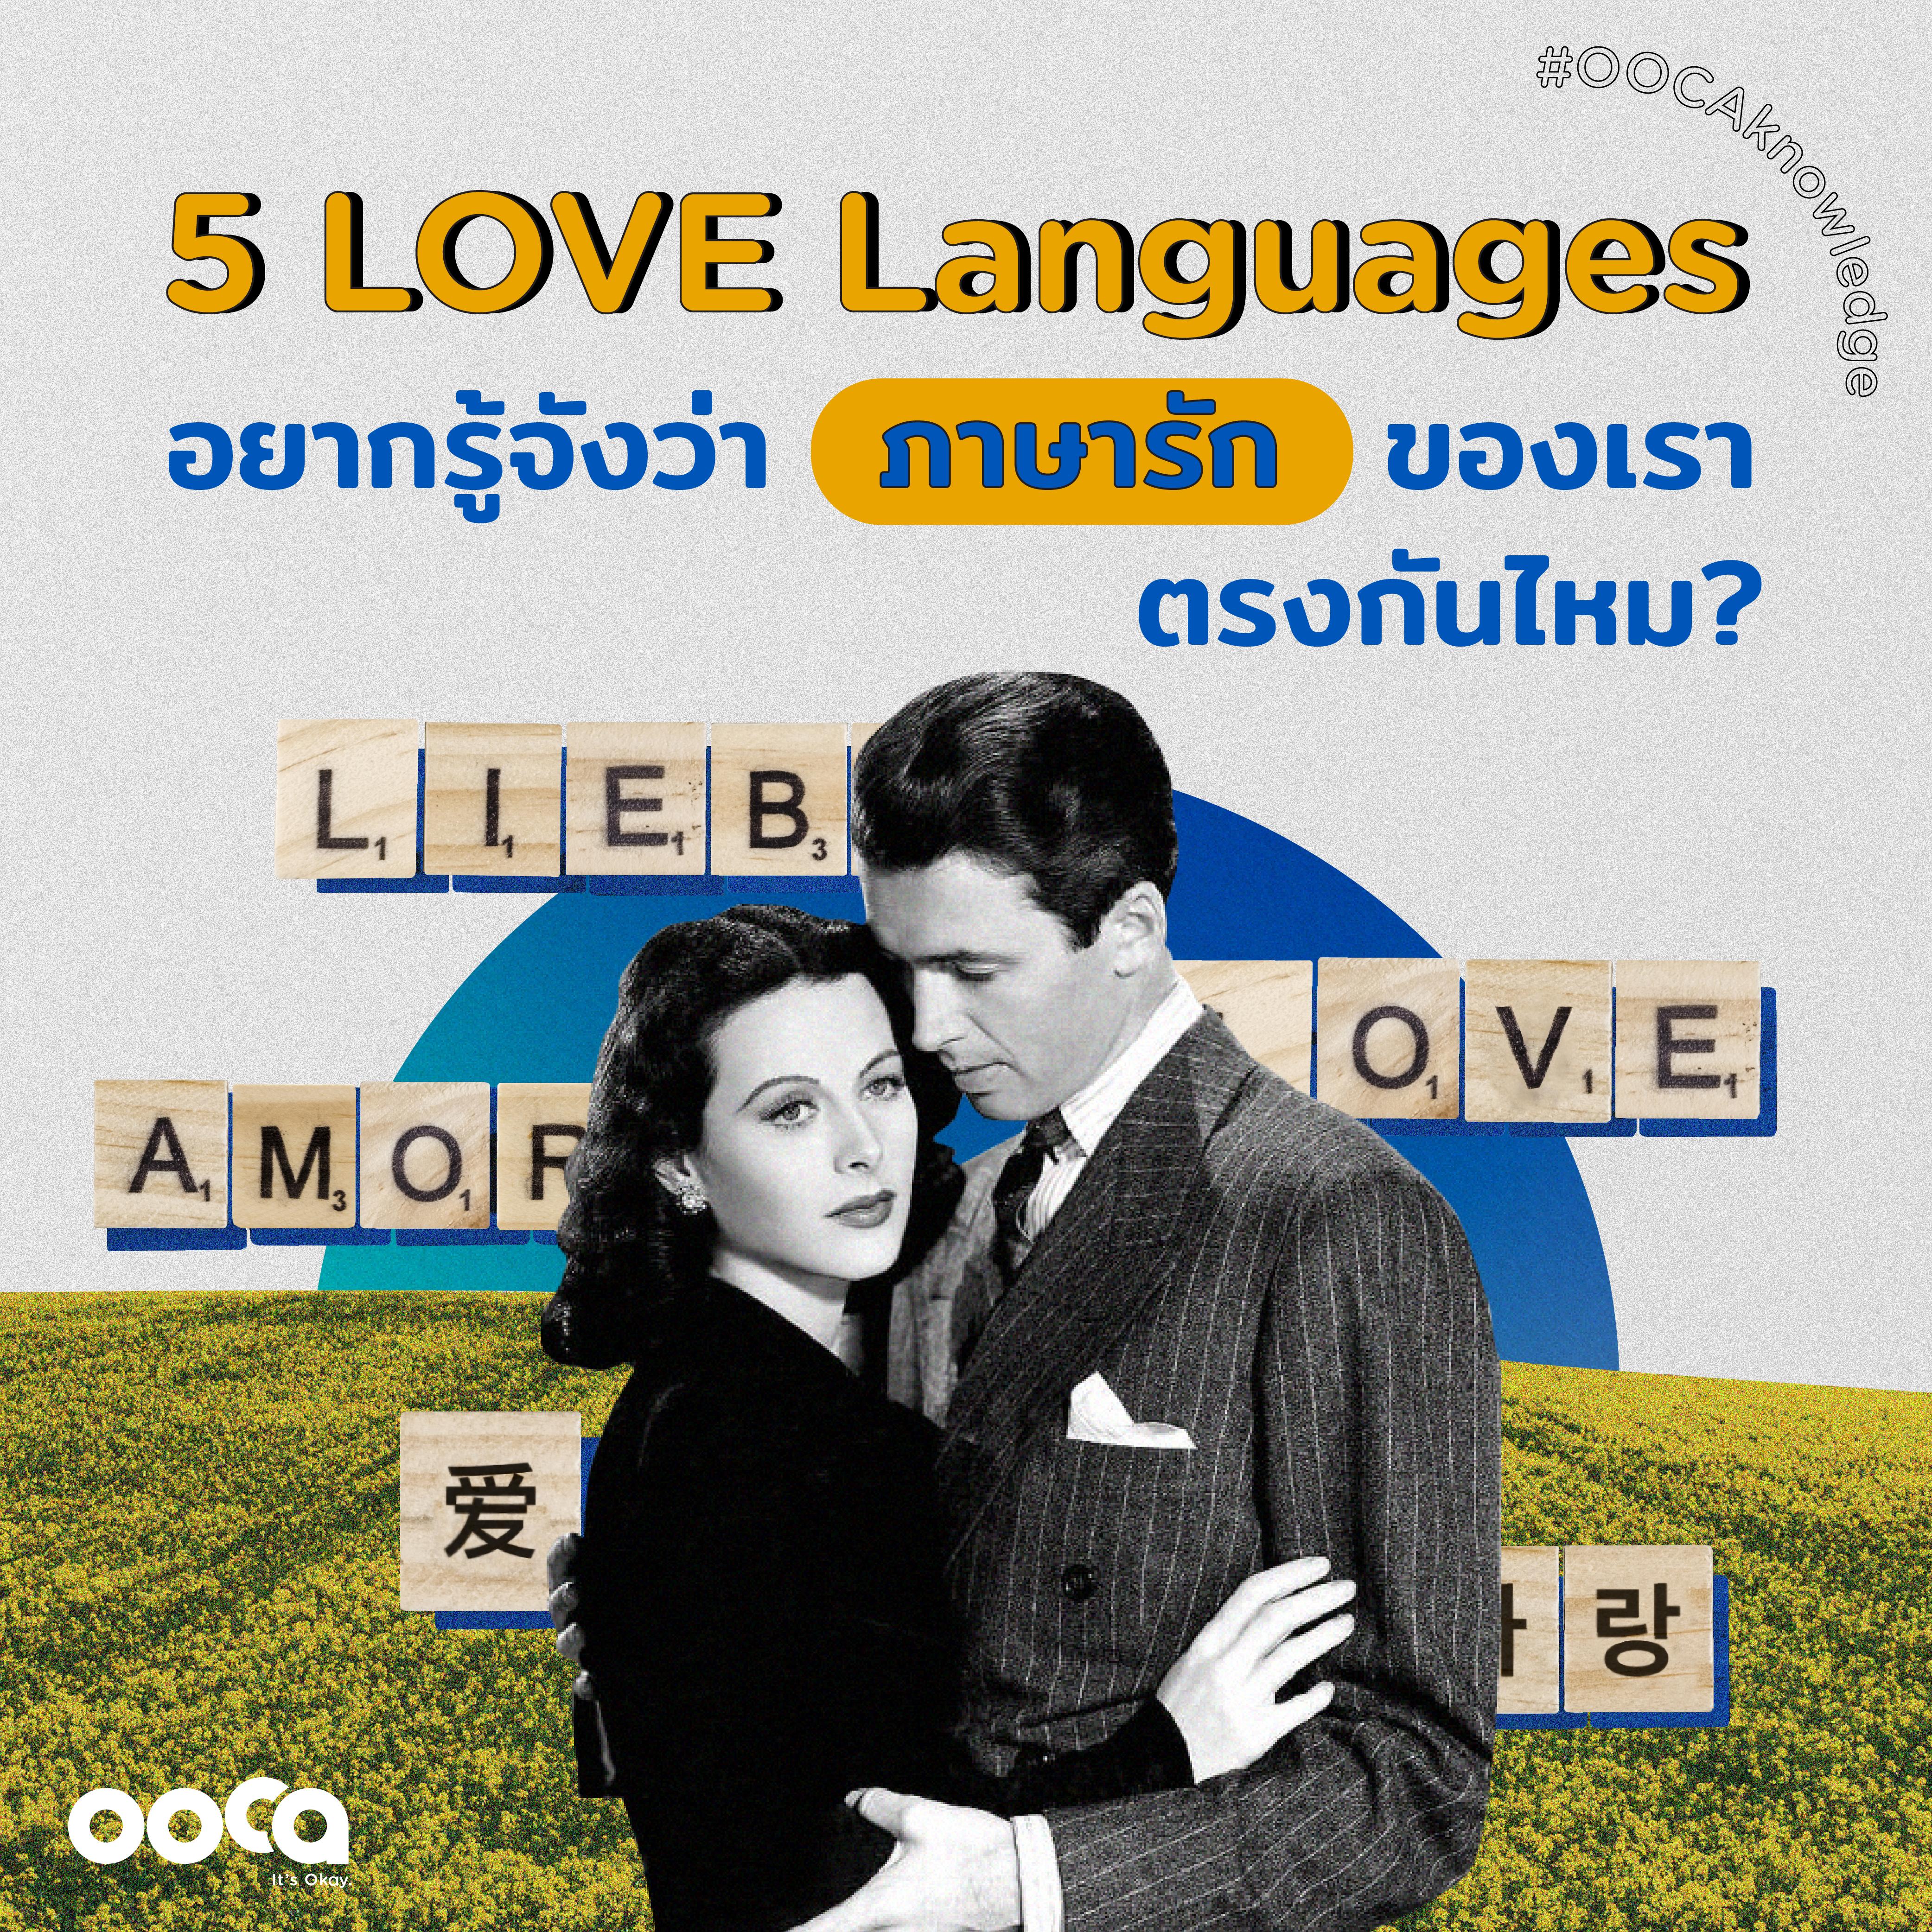 ภาษารัก ทำไมแฟนไม่เข้าใจ